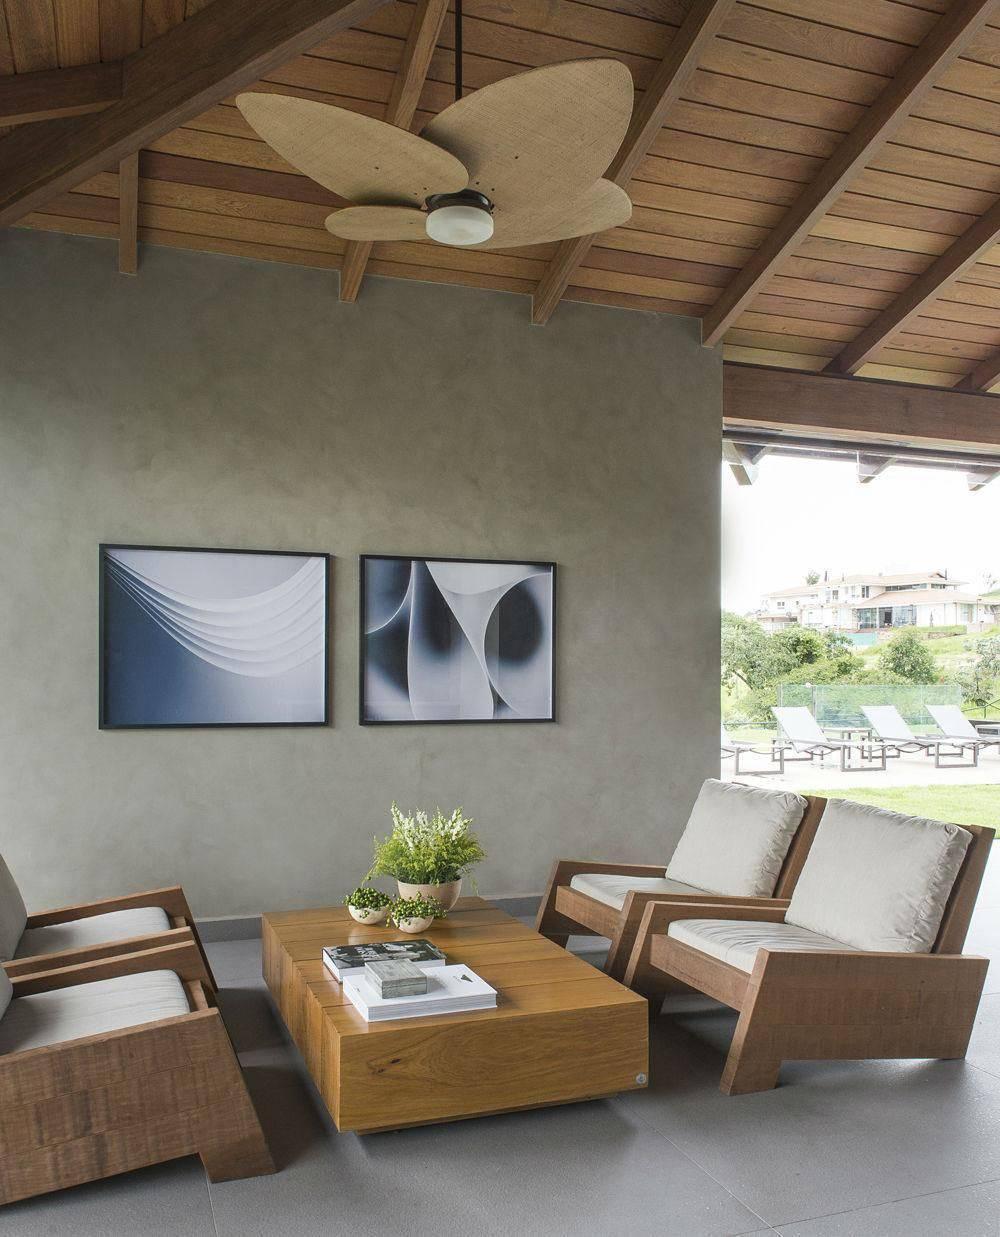 ventilador de teto na sala de estar triplexarqui 16651